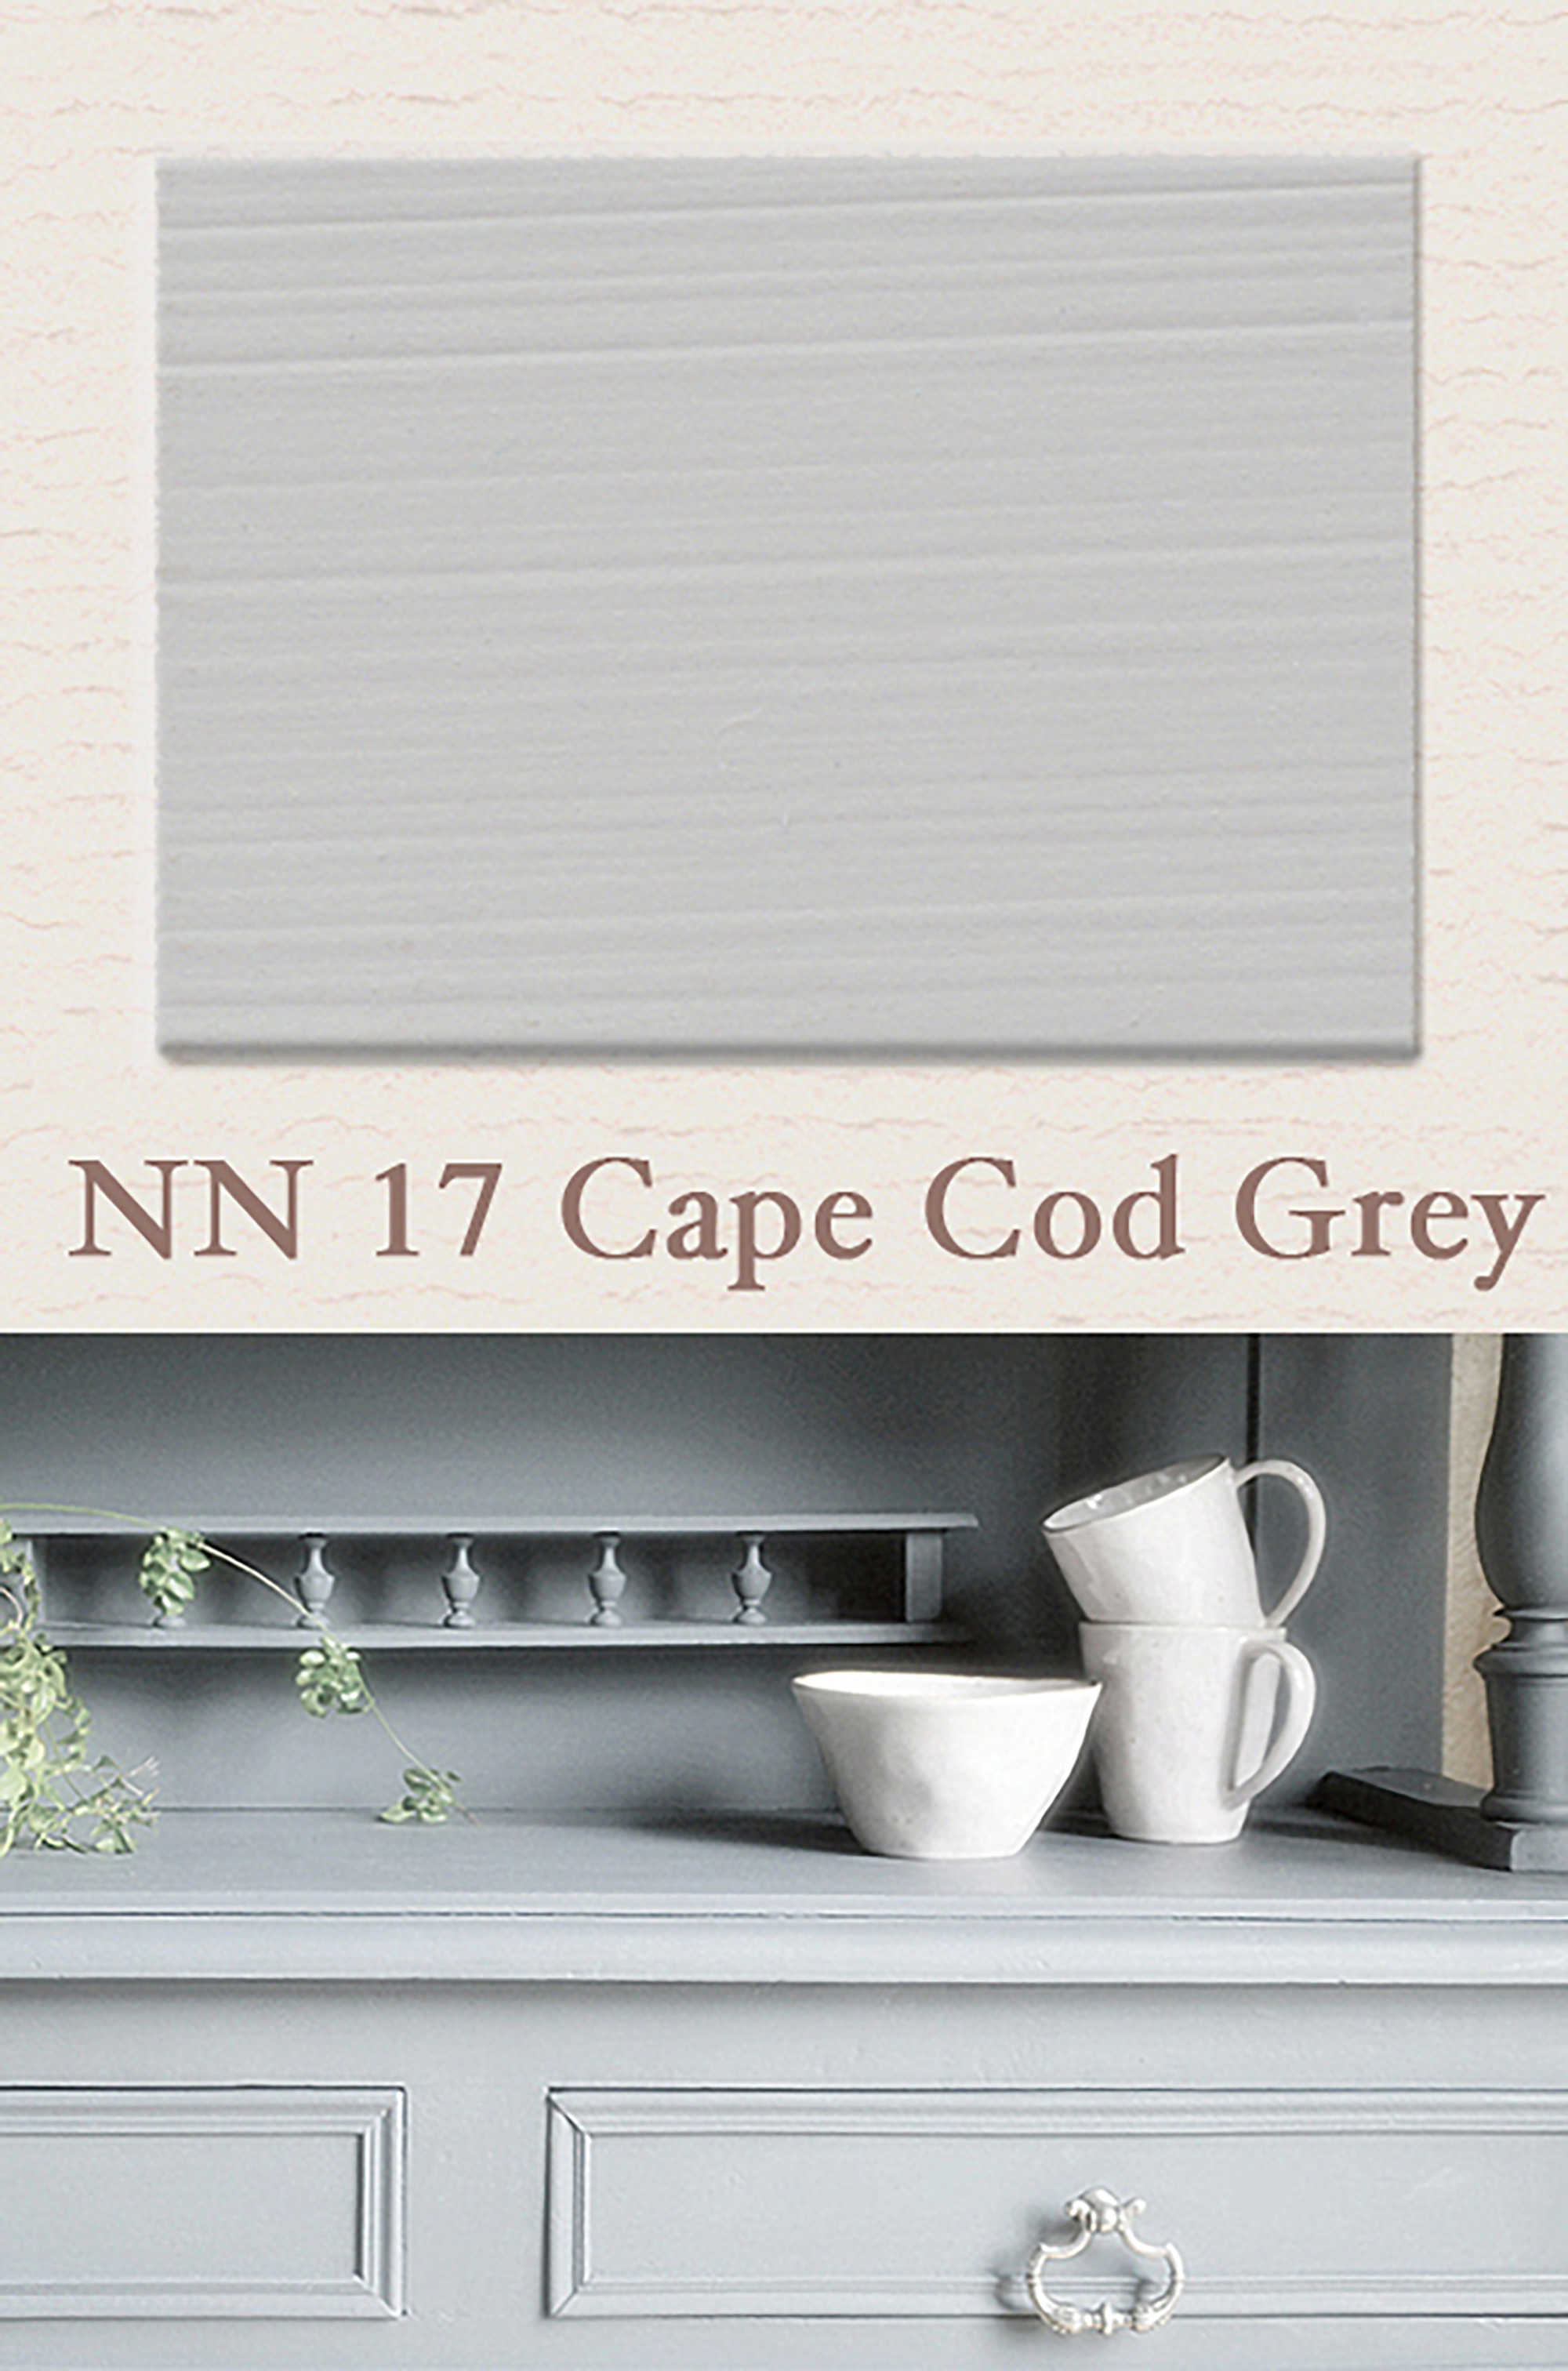 Cape Cod Grey